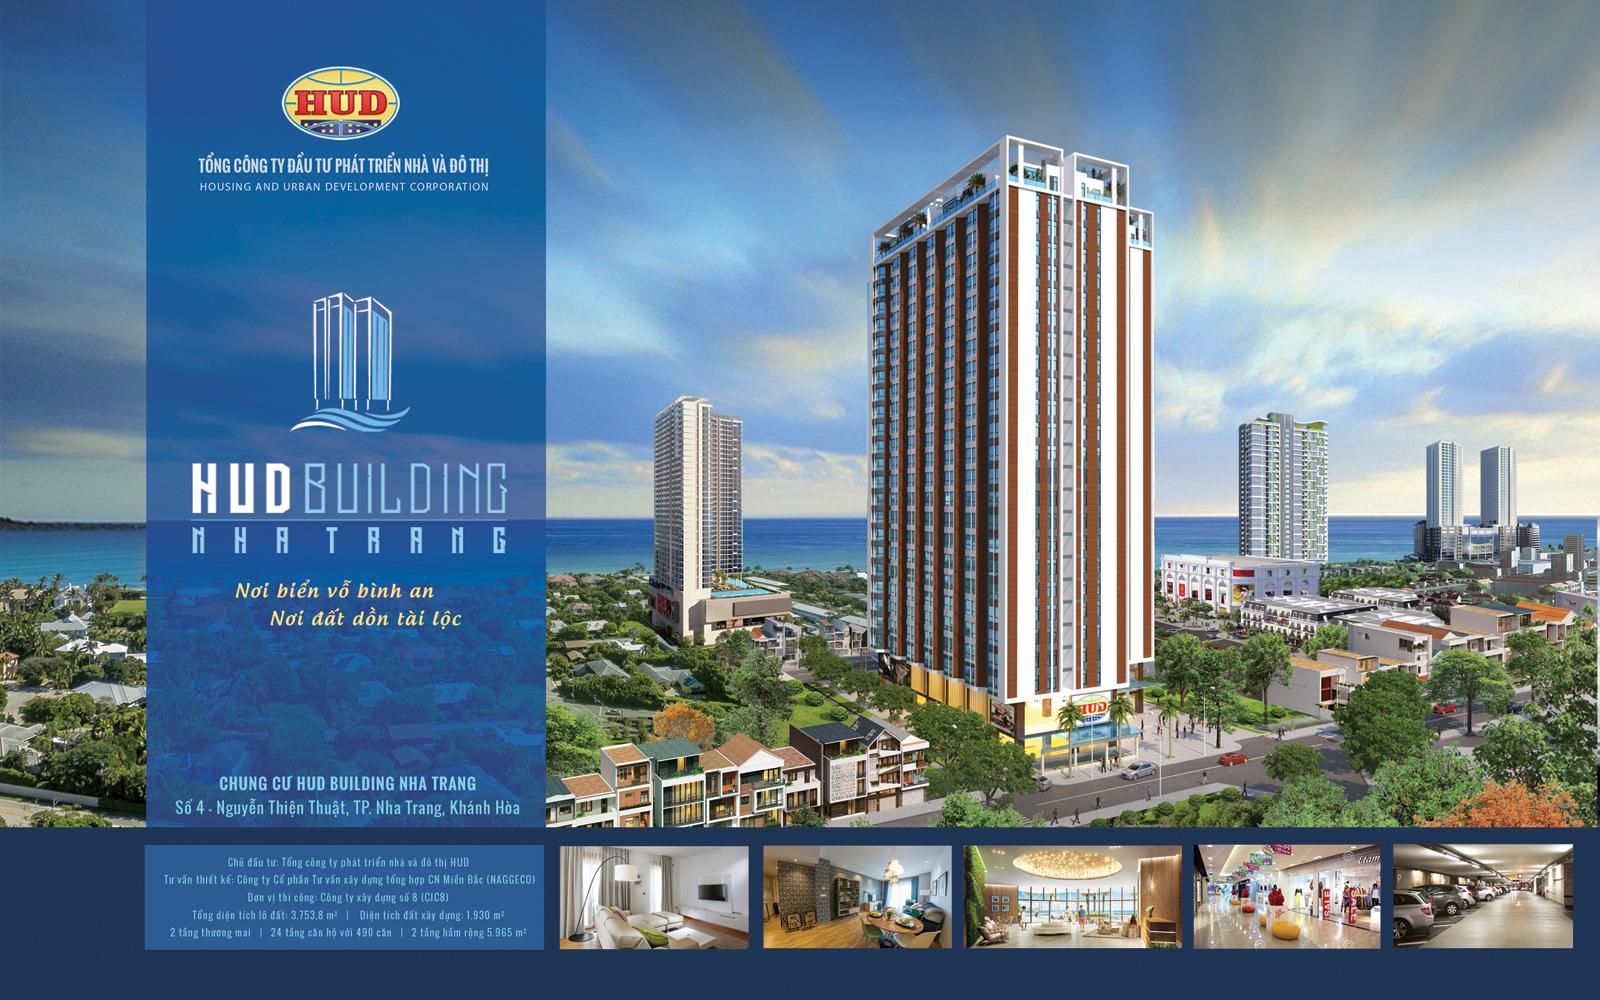 Chung cư Hud Building Nha Trang